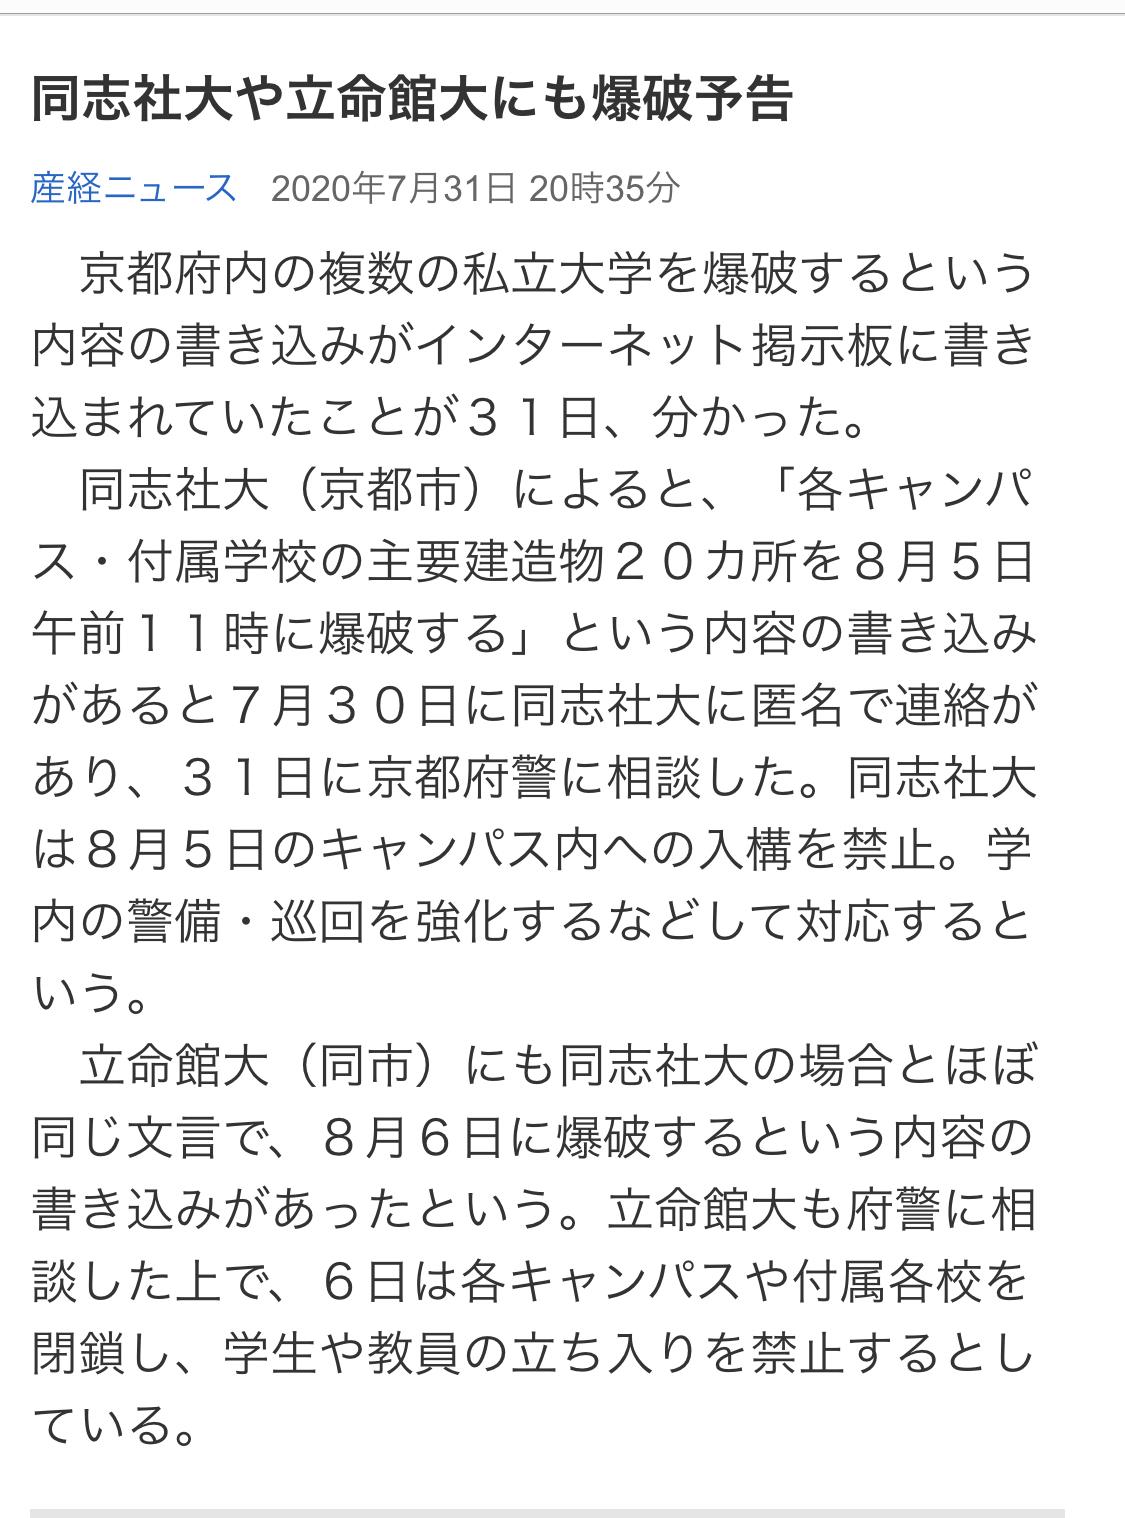 一覧 予告 大学 爆破 関西大学にまた爆破予告…8月25日16時以降はキャンパス閉鎖